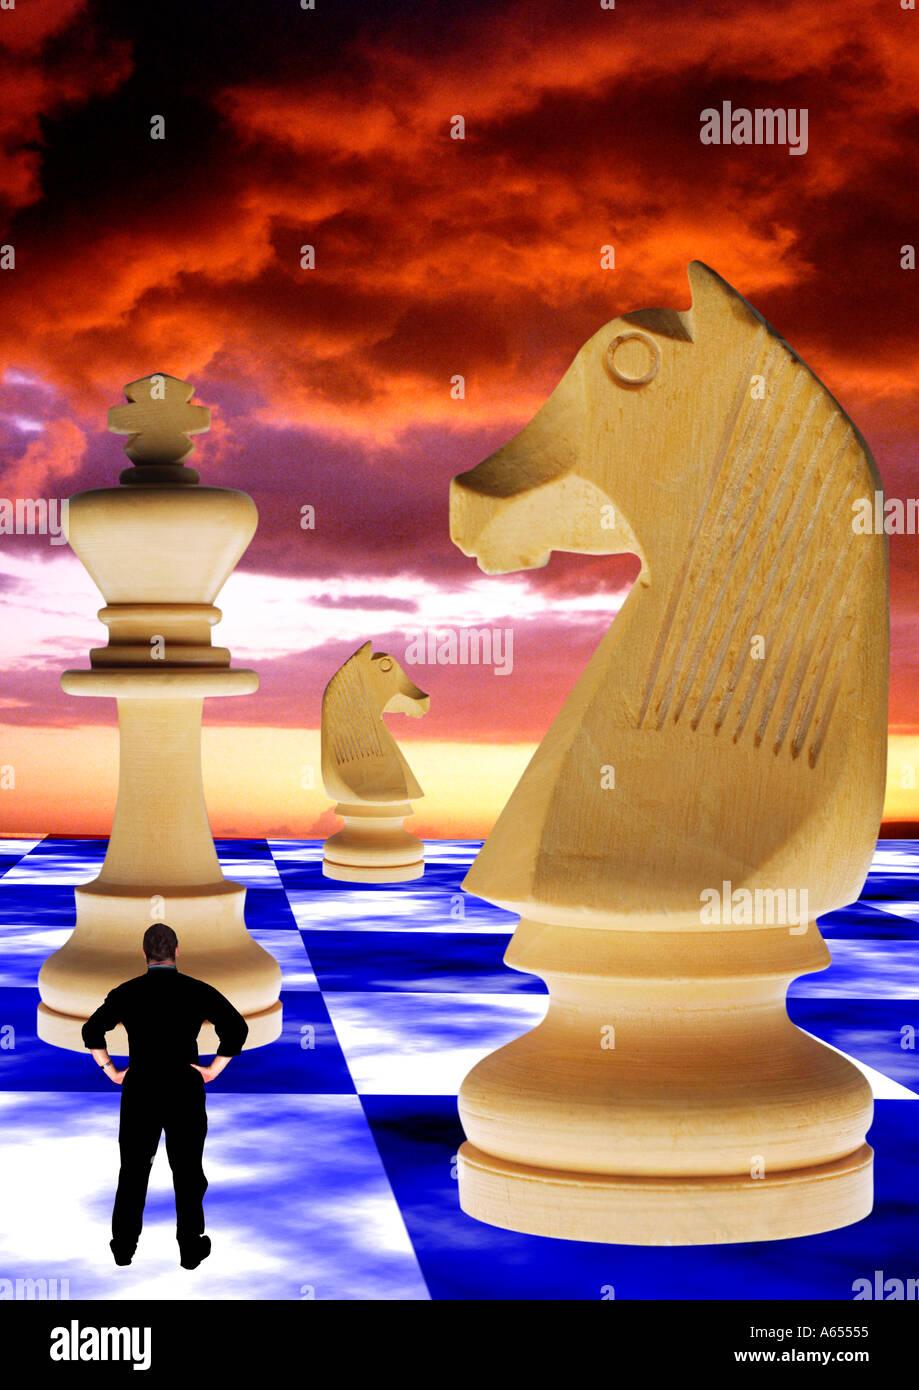 Pequeño, pequeño, el hombre mira, ajedrez gigante, piezas, Juego, concepto abstracto efectos especiales, estrategia, teoría, racional, estudio, matemática, modelo Imagen De Stock